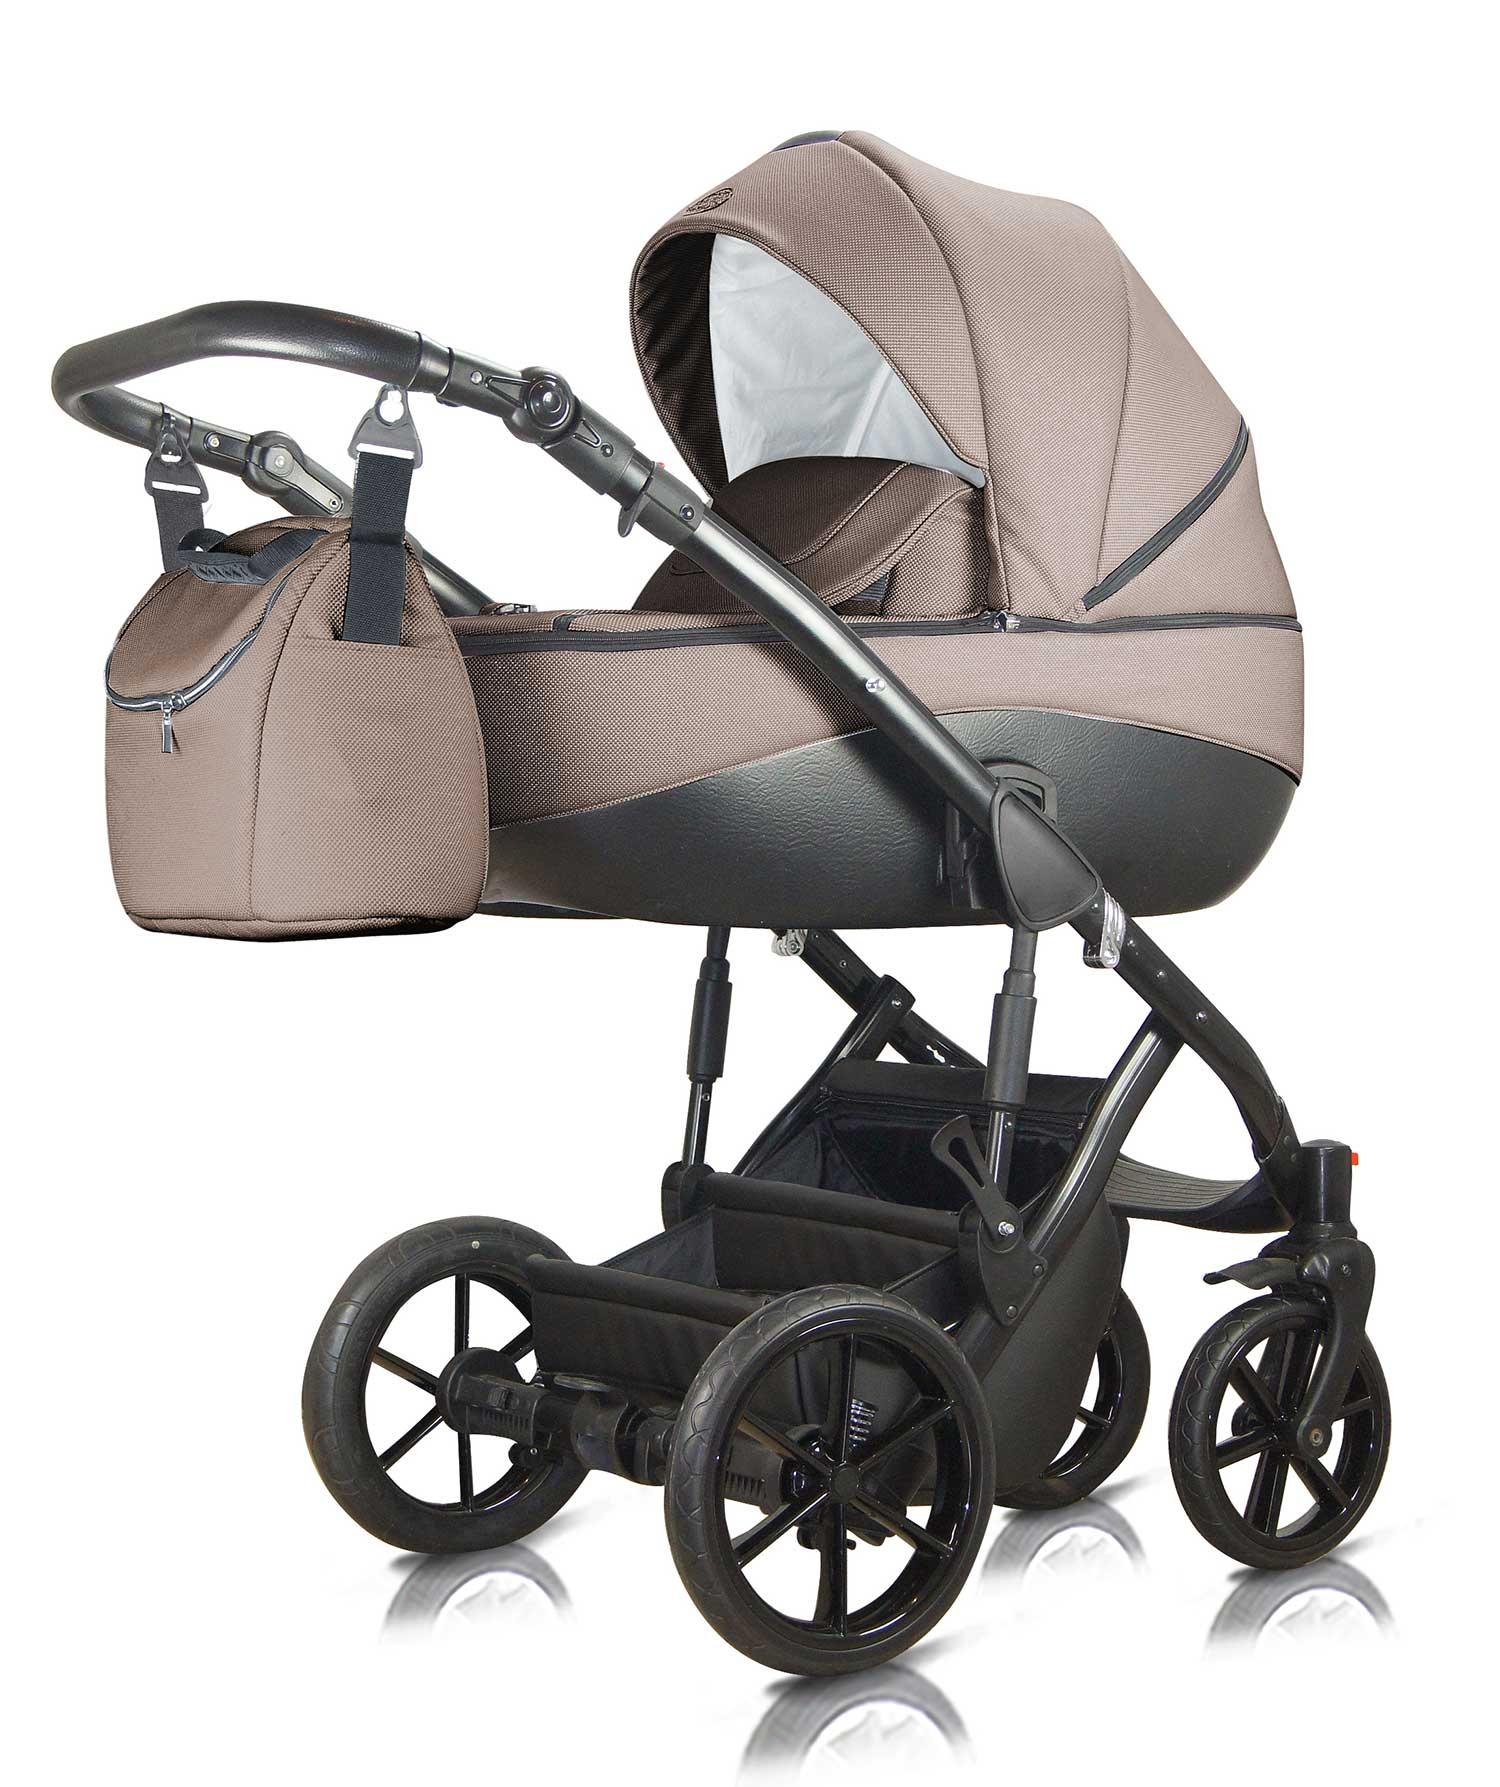 wózek dziecięcy wielofunkcyjny Milu Kids Bacio karmel